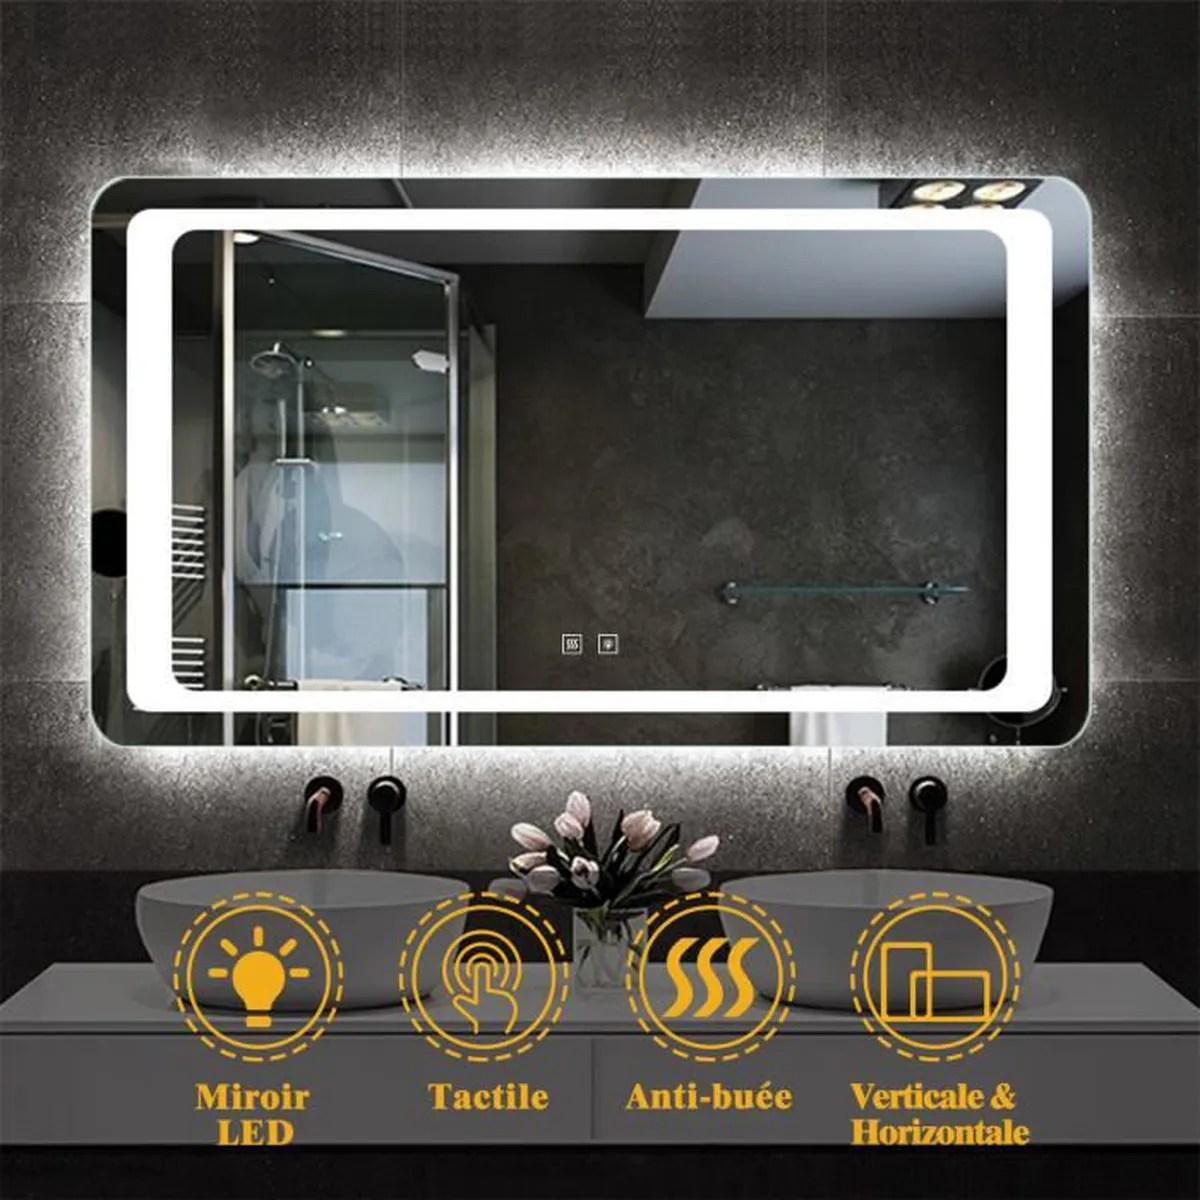 Miroir De Salle De Bain 120x70cm Anti Buee Miroir Mural Avec Eclairage Led Modele Classique Plus Achat Vente Parois De Douche Porte De Douche Miroir De Salle De Bain 120 Cdiscount